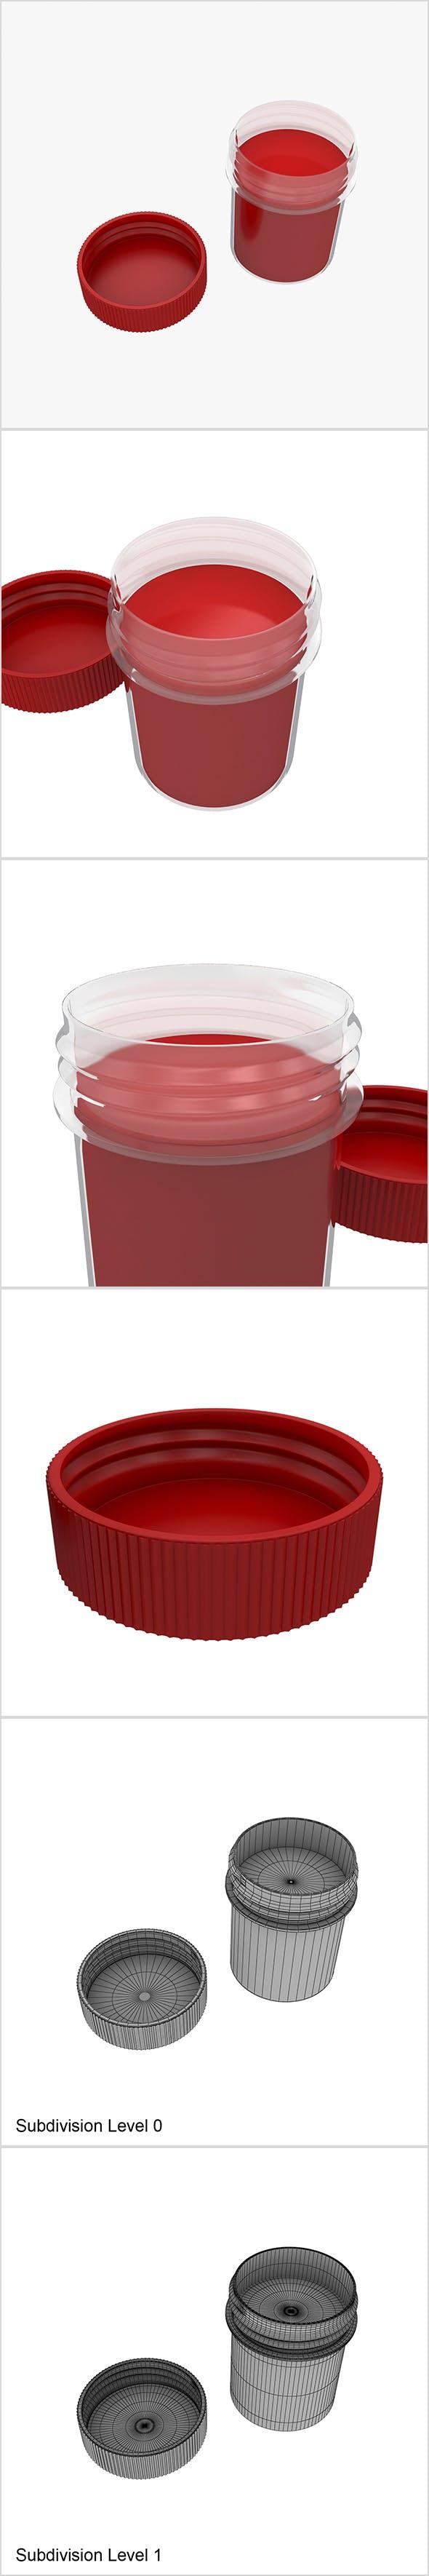 Gouache paint - 3DOcean Item for Sale